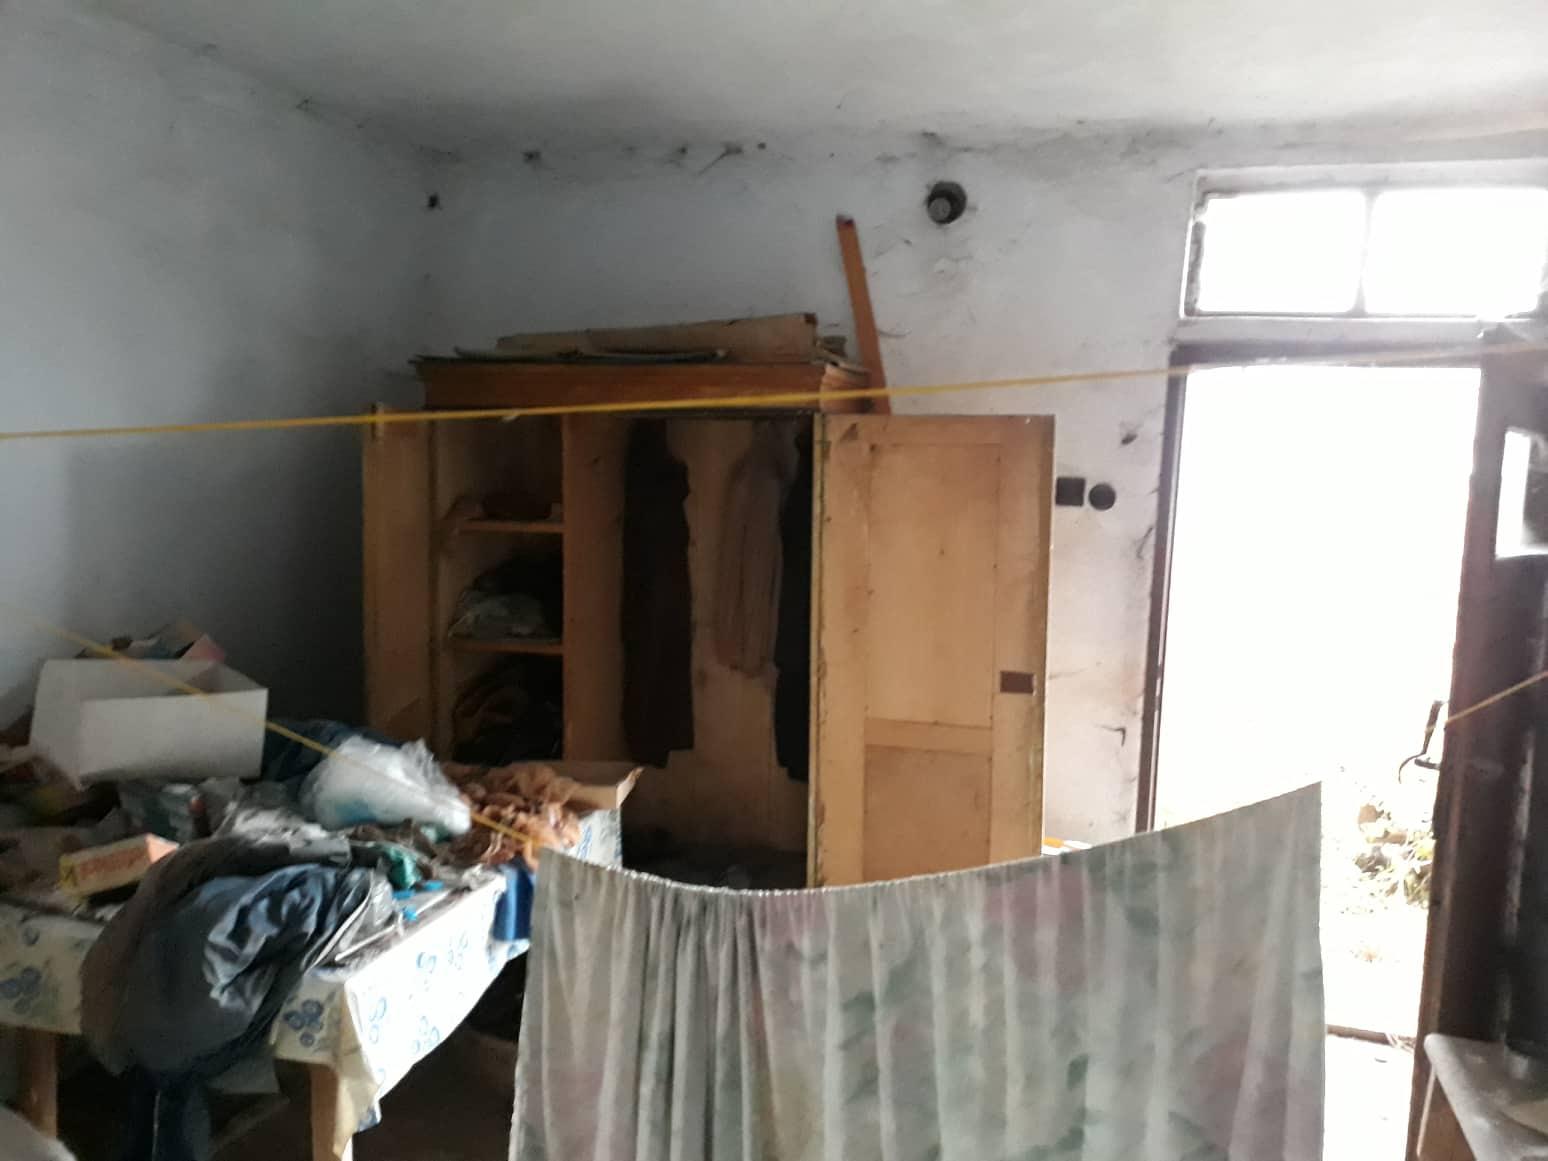 Rekonštrukcia domu-alebo chceme si splniť sen =》🏠🌻🌼🐶  mat domcek a vratit sa na Slovensko - pohlad na dvere v letnej kuchyni